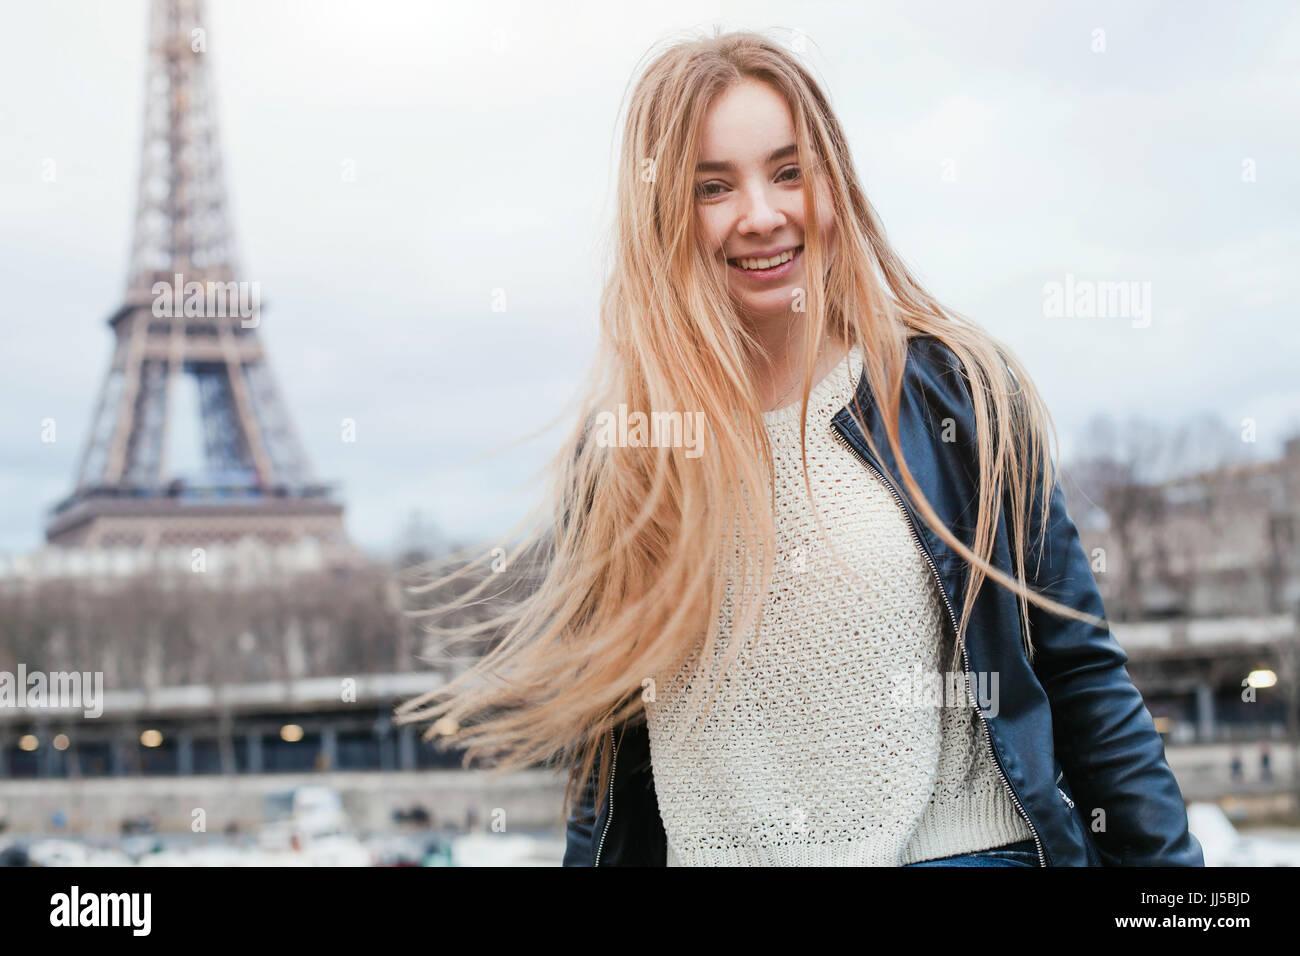 Felice giovane donna a Parigi vicino alla torre eiffel, sorridente ragazza in viaggio ritratto, studente in europa Immagini Stock